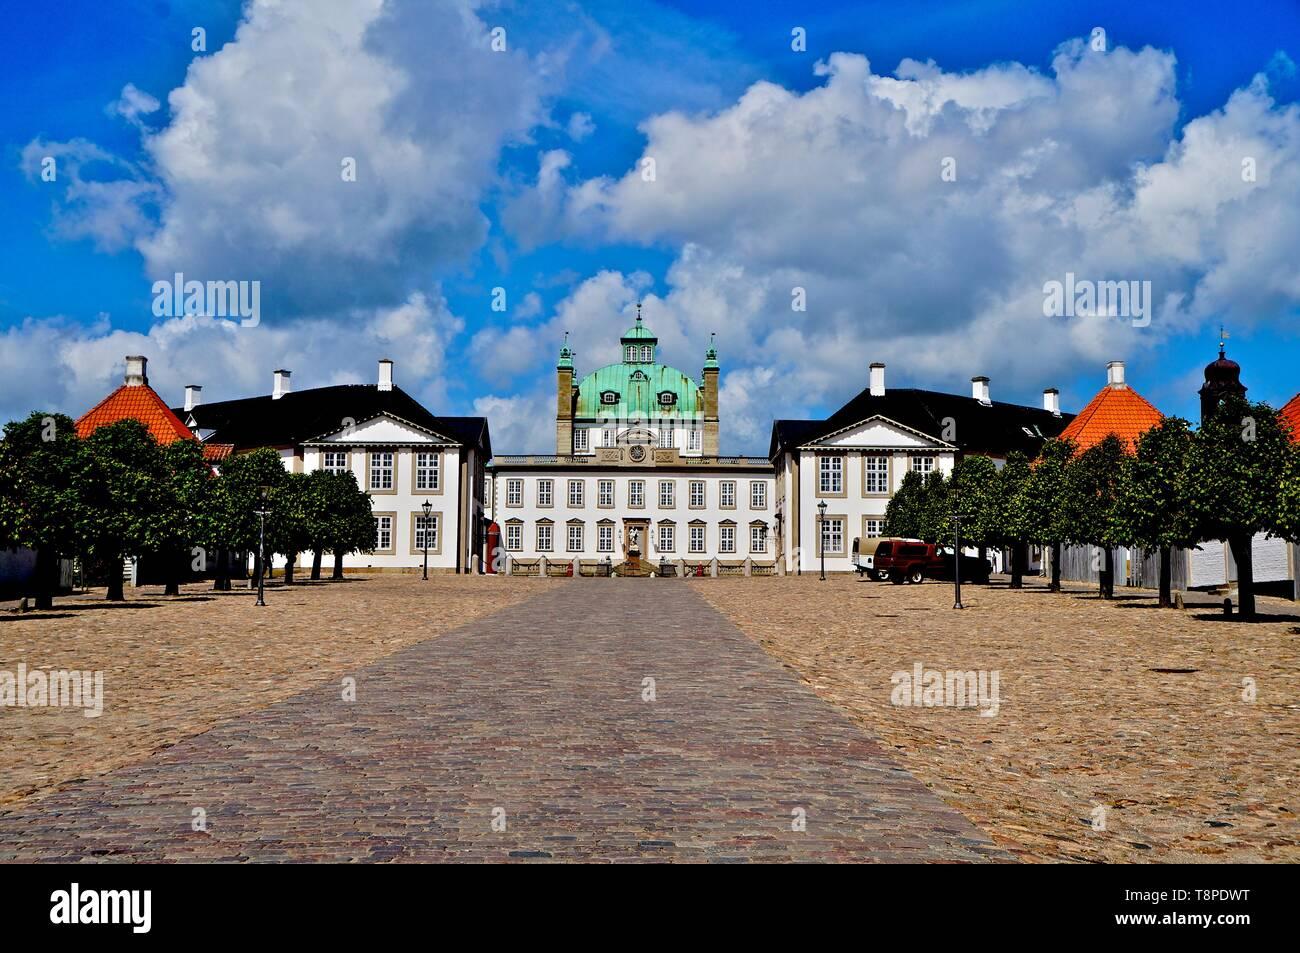 Fredensborg Castle, Hillerød, Sjælland - Stock Image